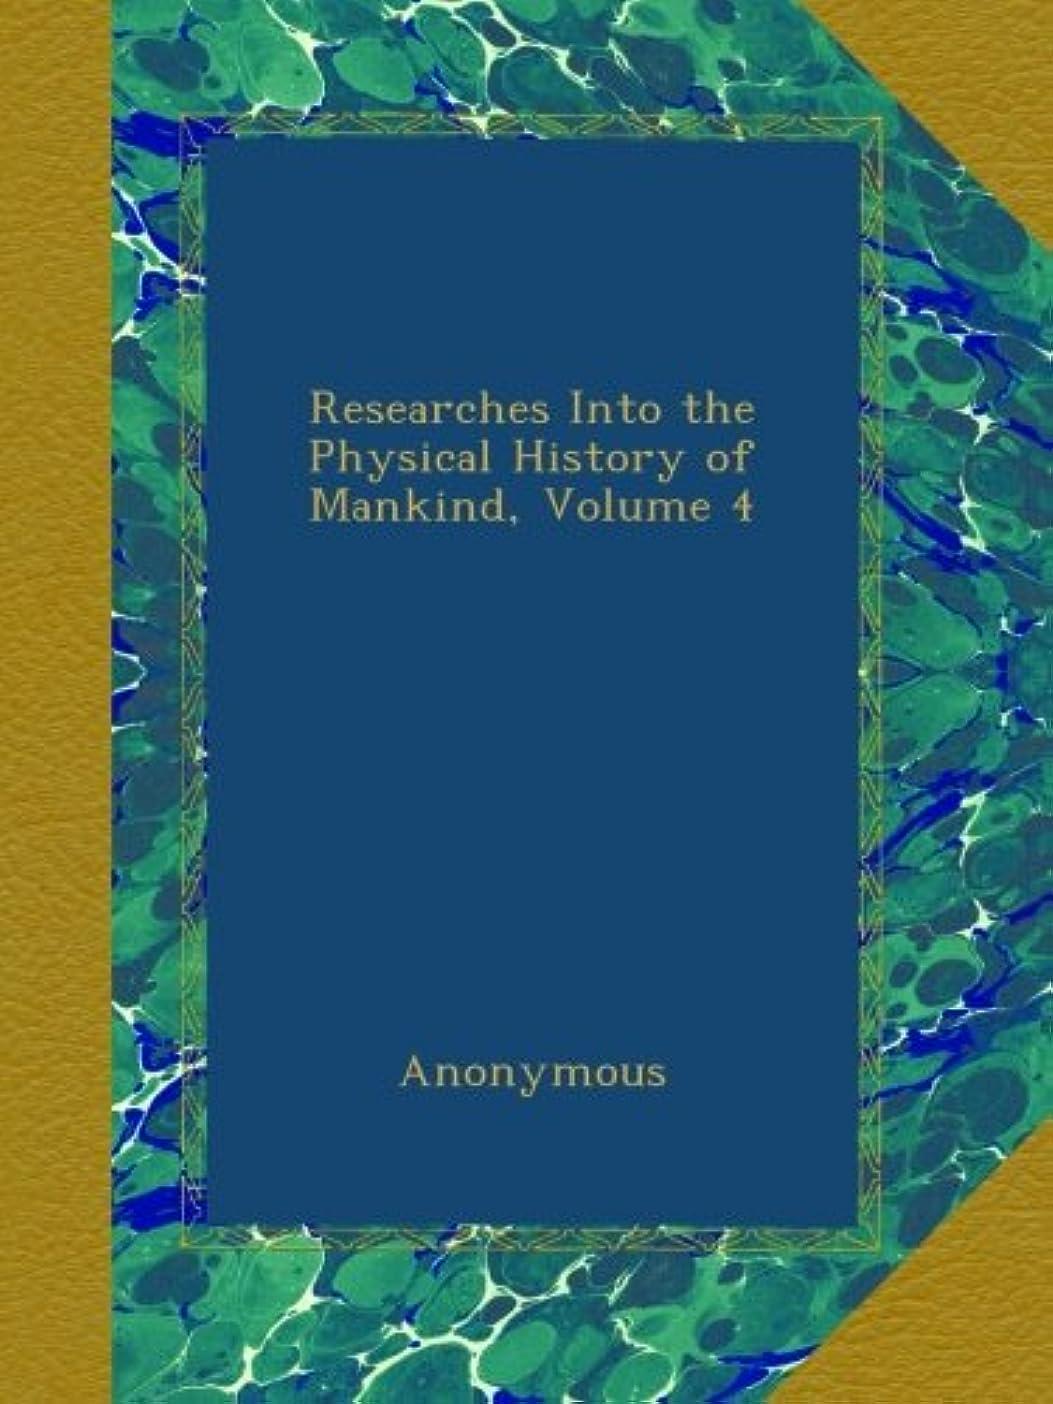 高度ミス致命的なResearches Into the Physical History of Mankind, Volume 4